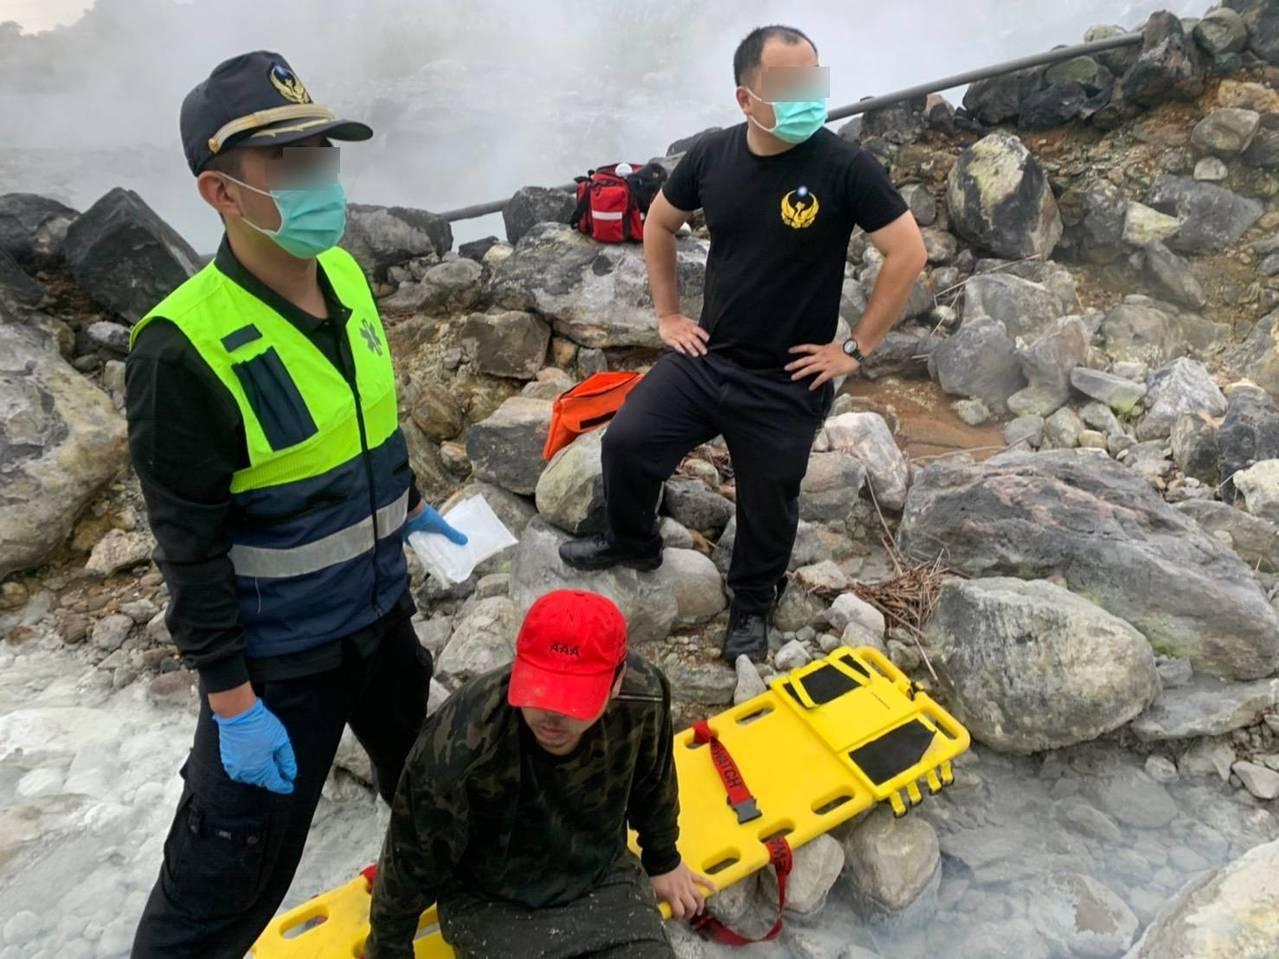 男闖陽明山野溪溫泉燙傷,2救護員救援雙腳遭殃,3人送醫。記者游明煌/翻攝